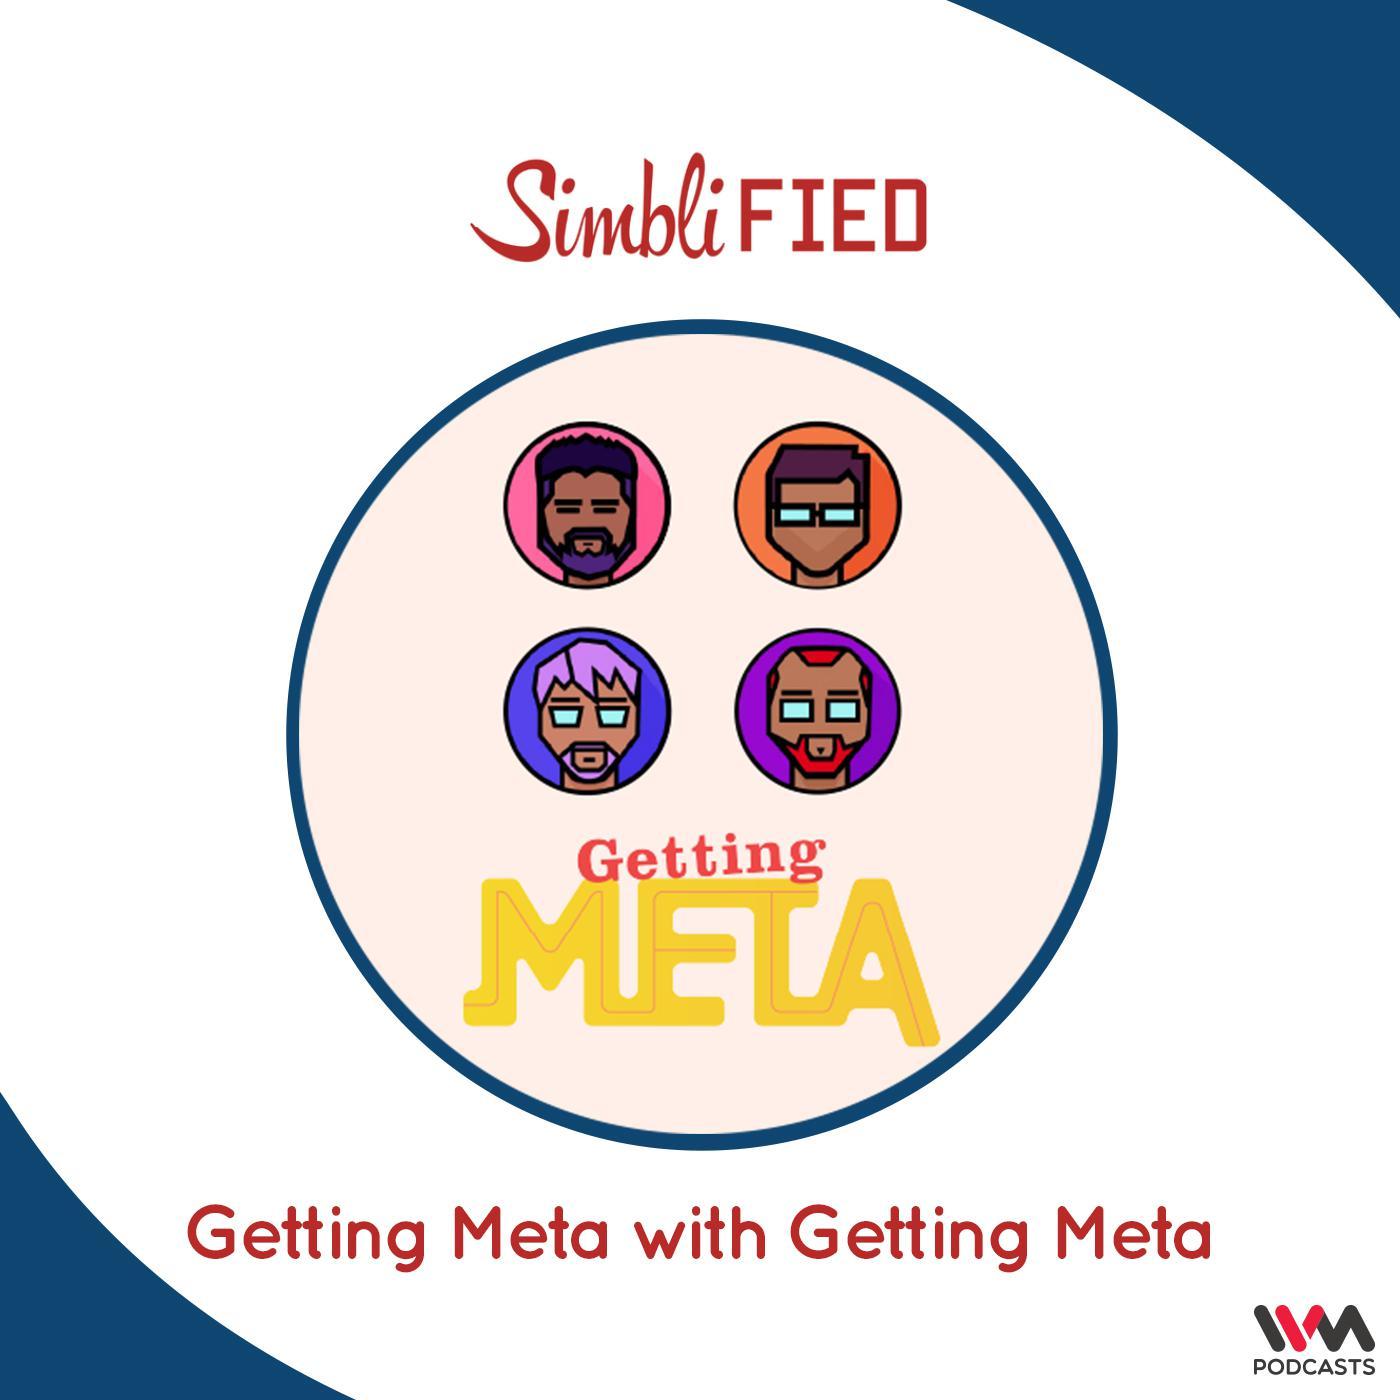 Getting Meta with Getting Meta